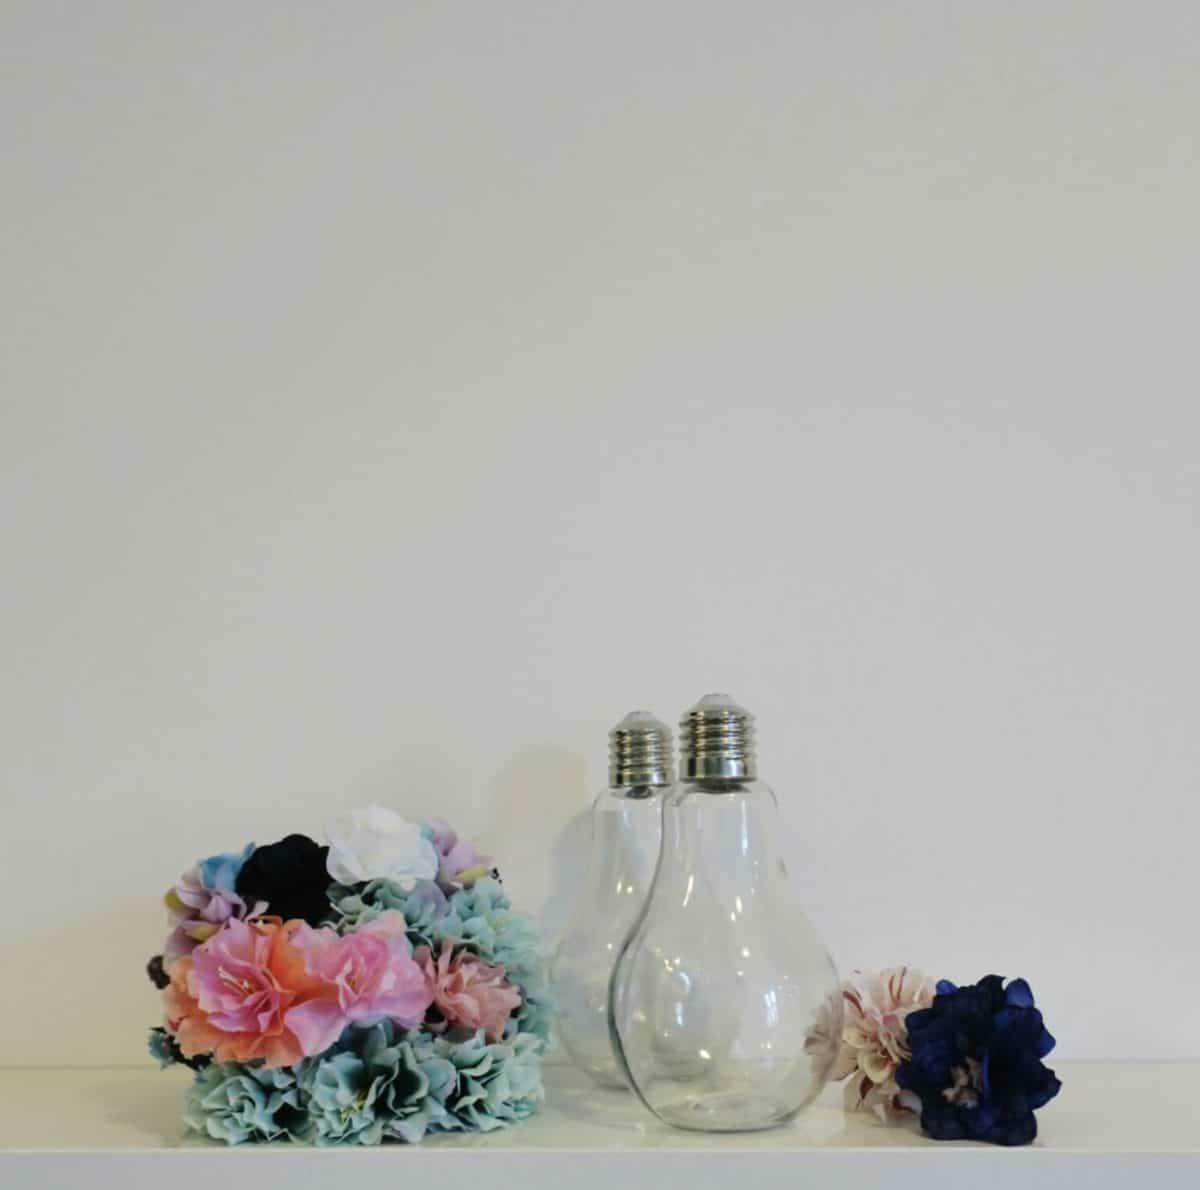 Bombillas con flores - materiales